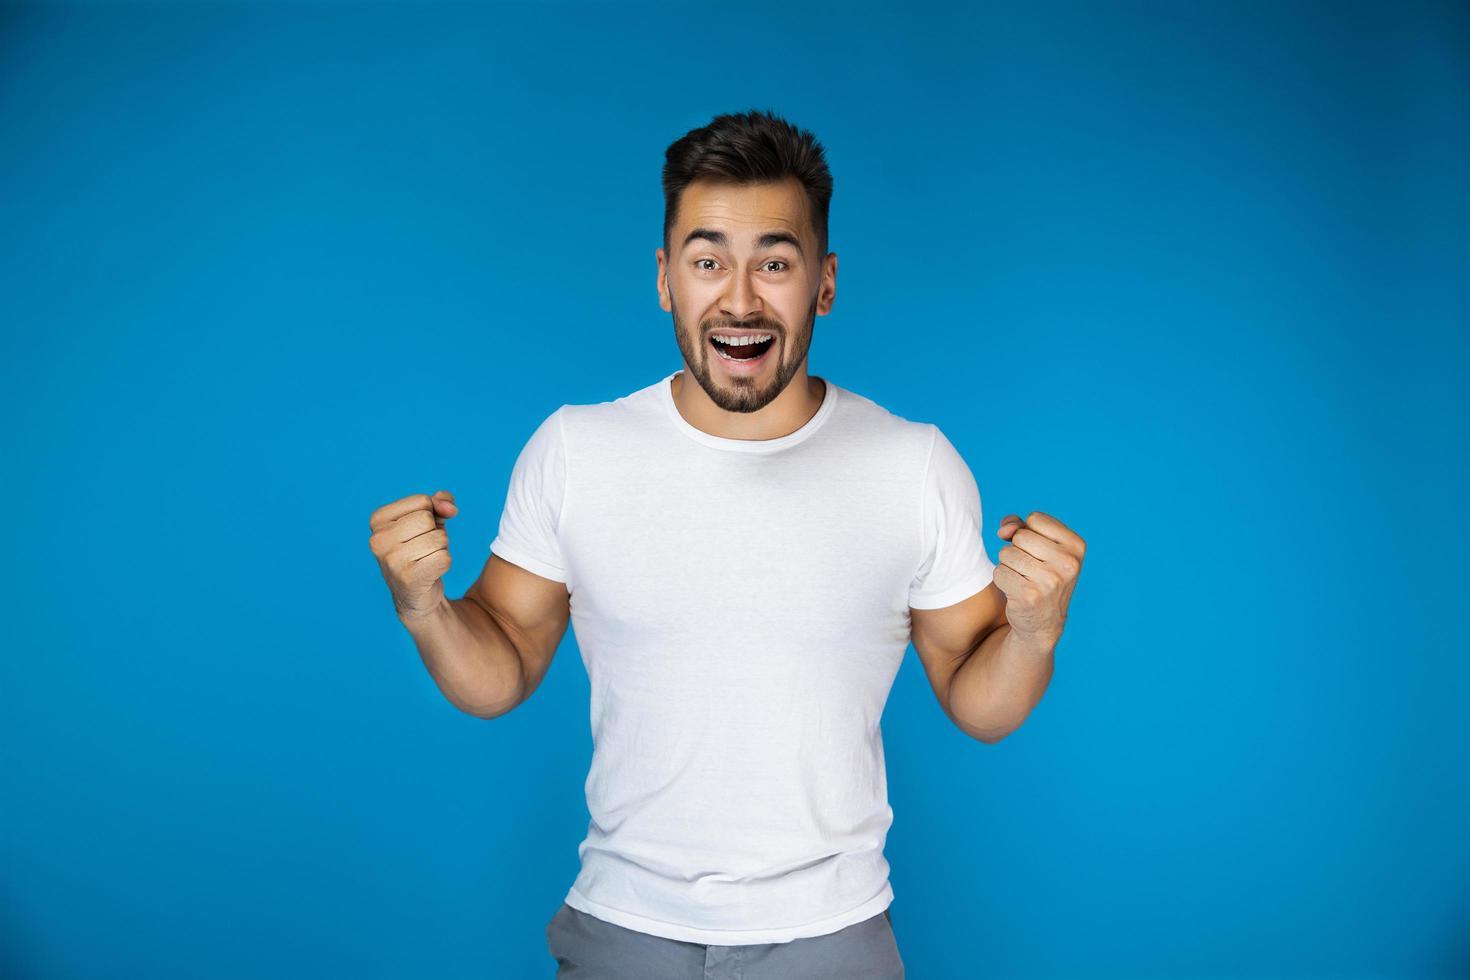 homme excité en chemise blanche photo